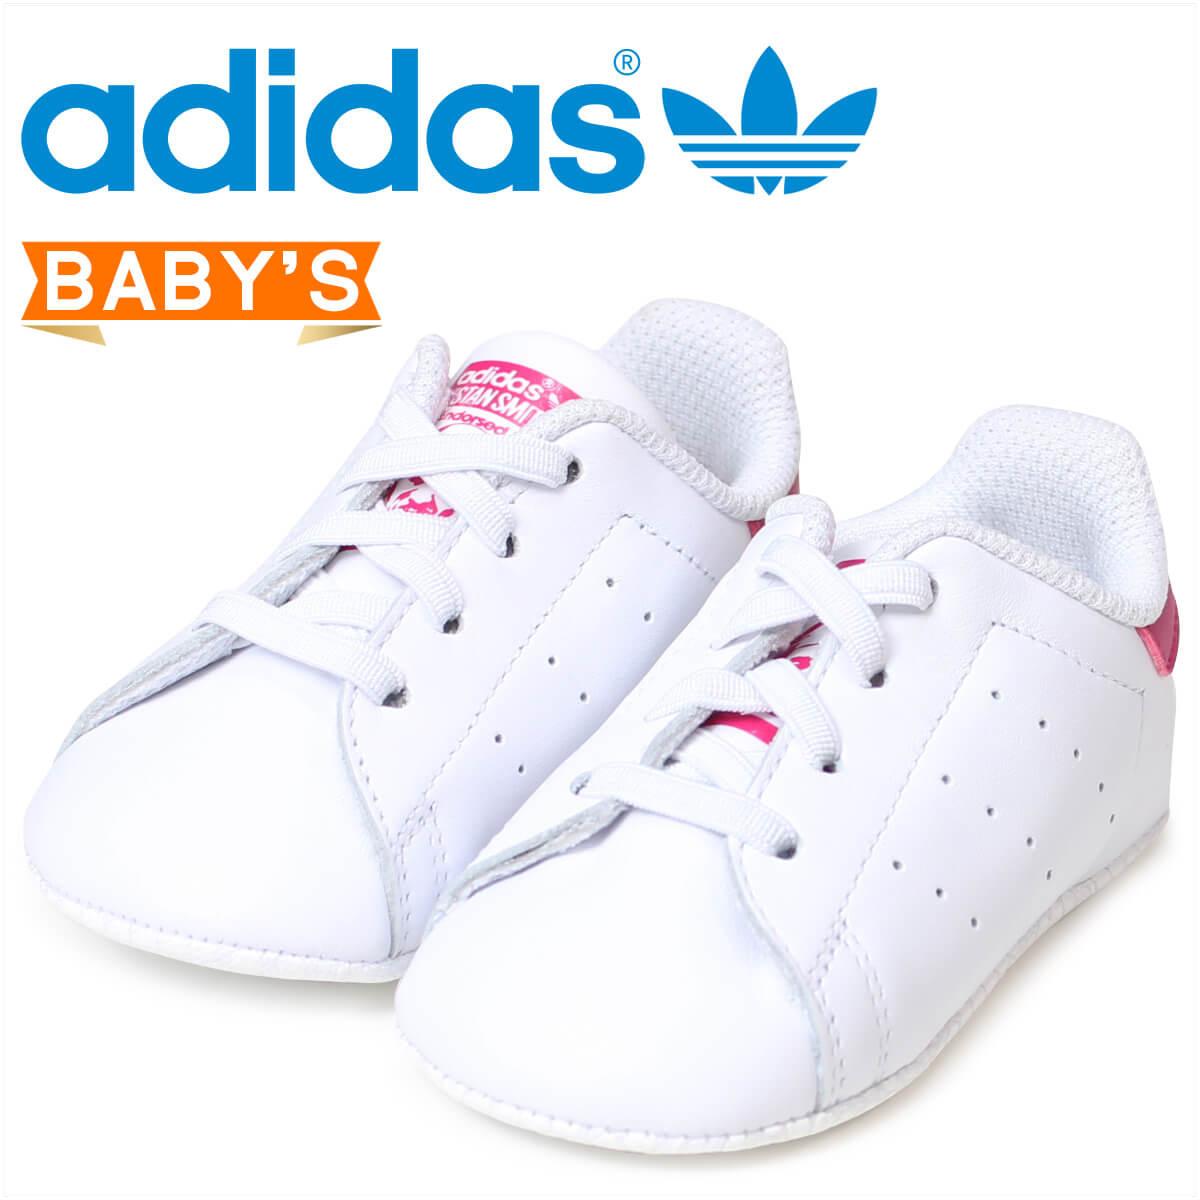 adidas stan smith baby une vente de liquidation de prix bas